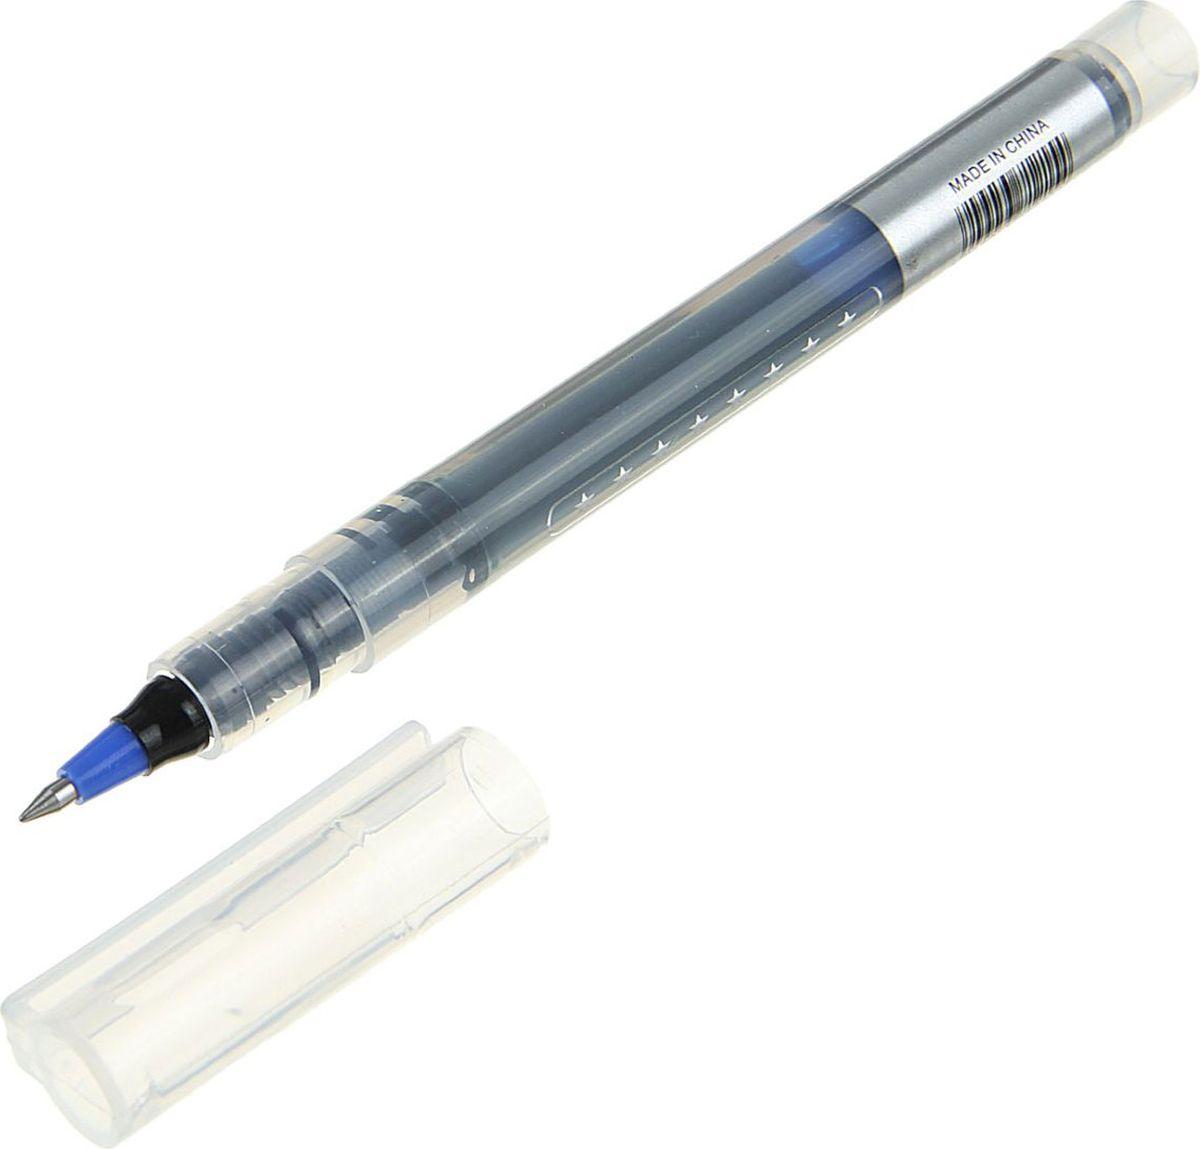 Sima-land Ручка-роллер синяя1720666Ручка-роллер с наконечником 0,5 мм обеспечивает очень мягкое письмо. Пригодна для письма на документах. Имеет водостойкие и светостойкие чернила. Эргономичная зона захвата обеспечивает комфорт во время письма. Колпачок оснащен упругим клипом.